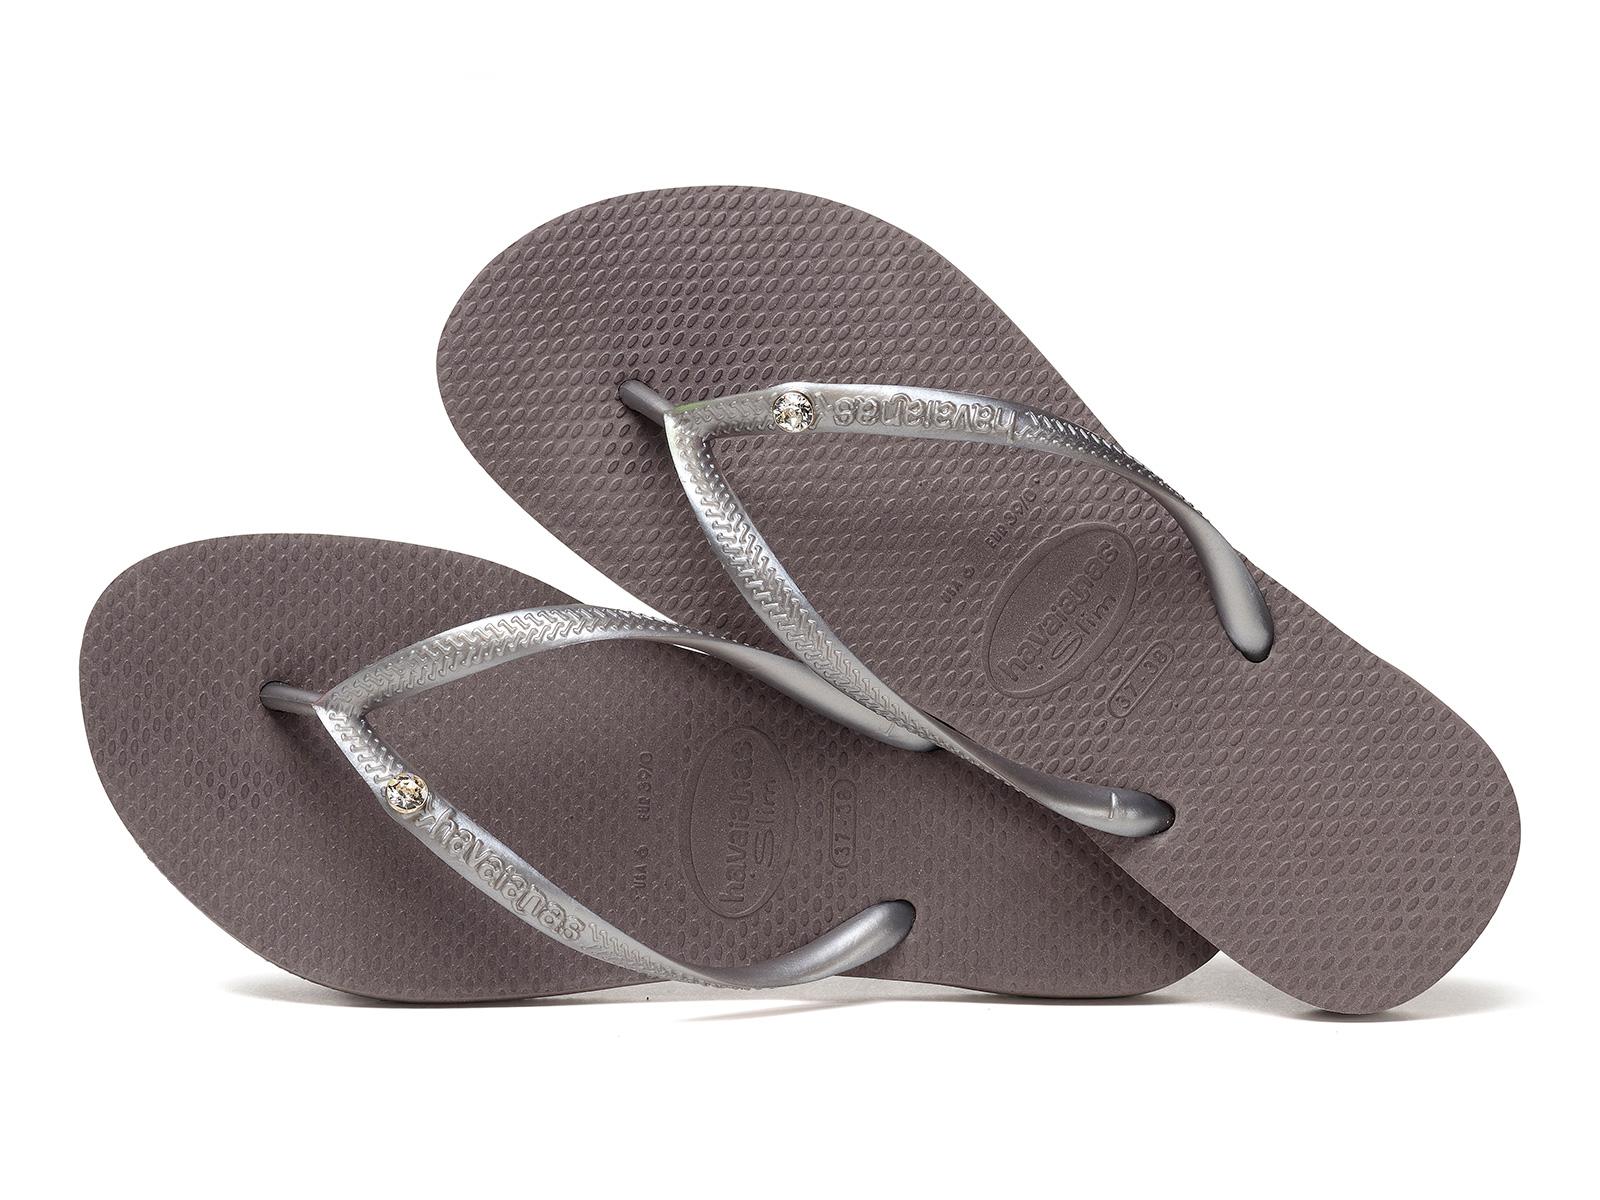 f5af4824b4c5 ... Grey flip-flops decorated with Swarovski crystals - Slim Crystal Glamour  Sw Fog ...